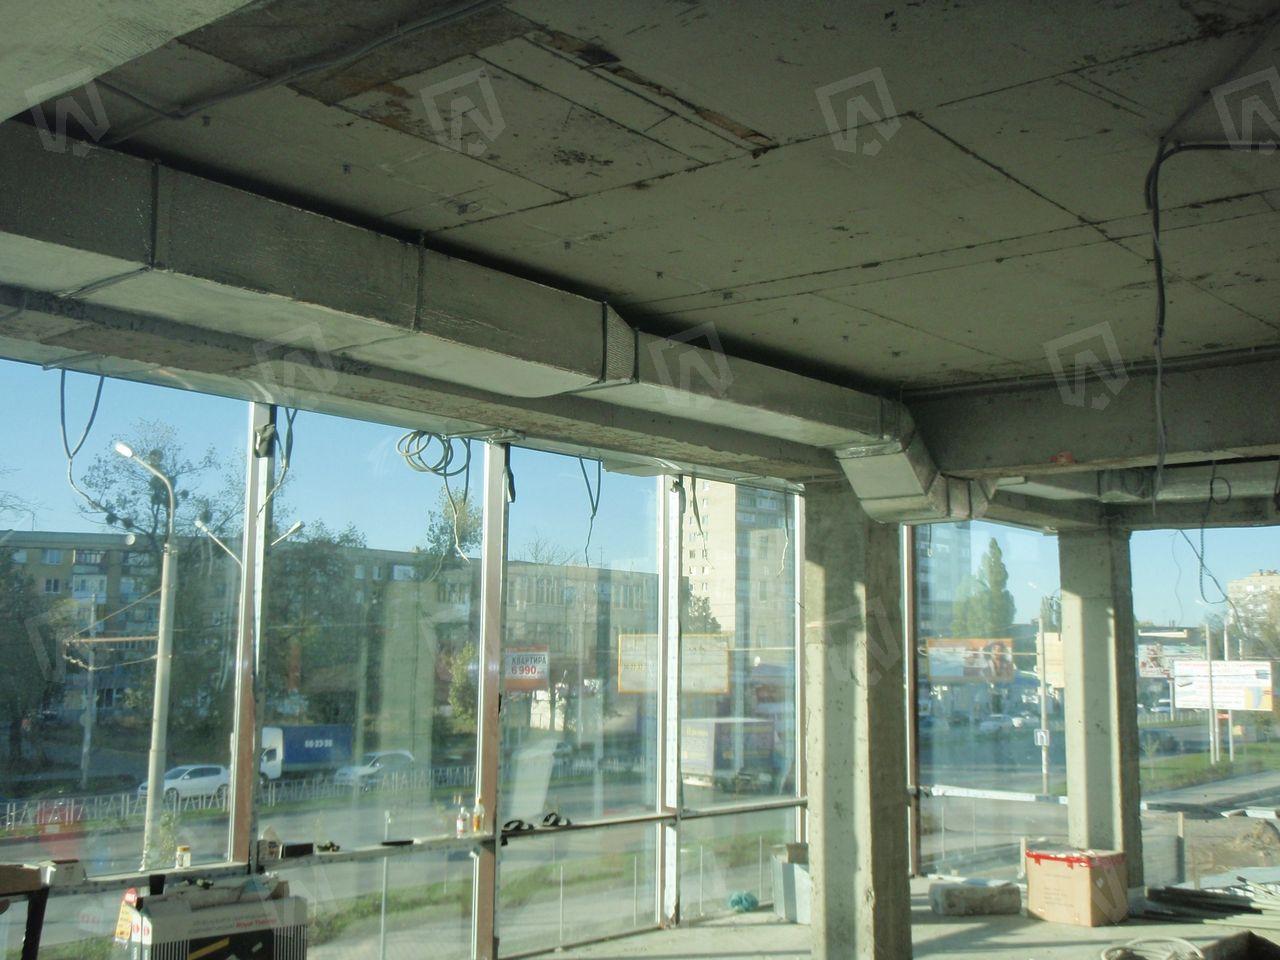 Теплоизолированные воздуховоды приточно-вытяжной вентиляции перед началом отделочных работ